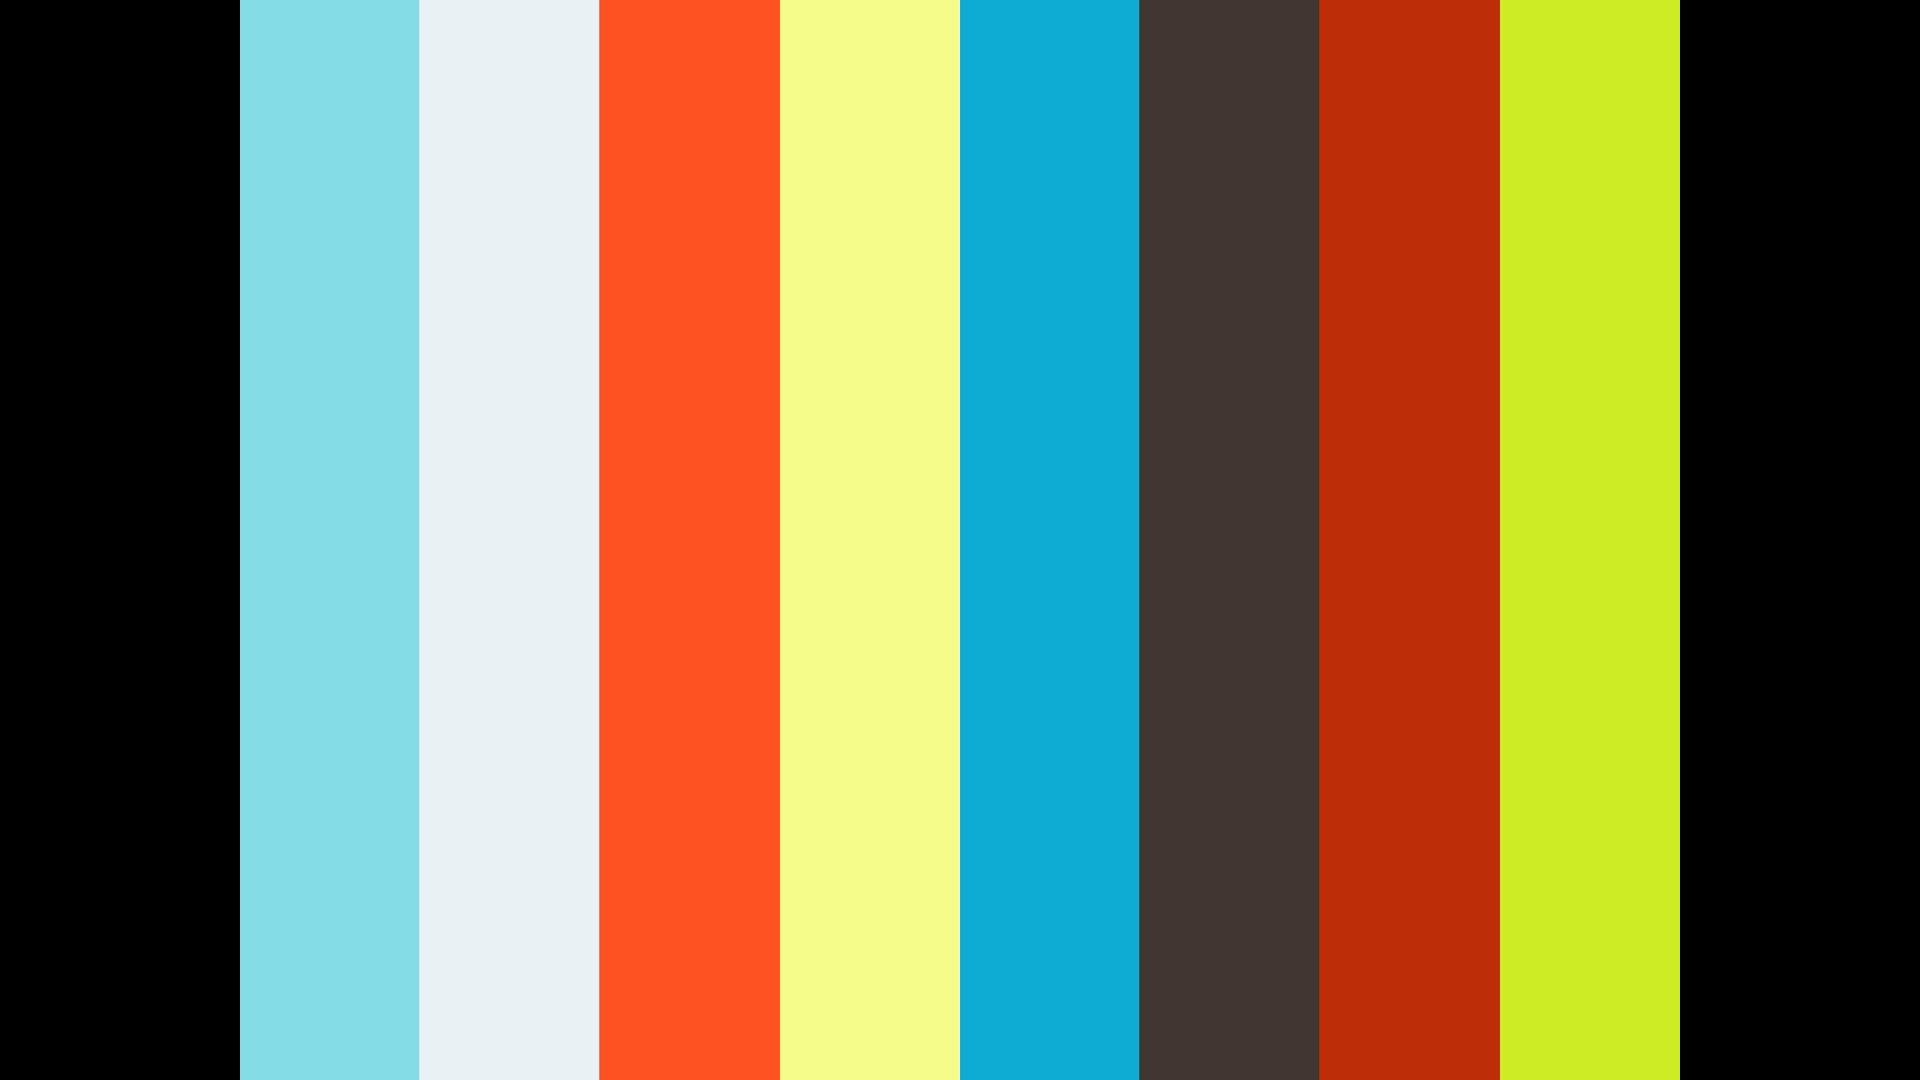 HANSKLOK-SPI-LasVegas-B_Roll_30sec_vo_v08_1920x1080